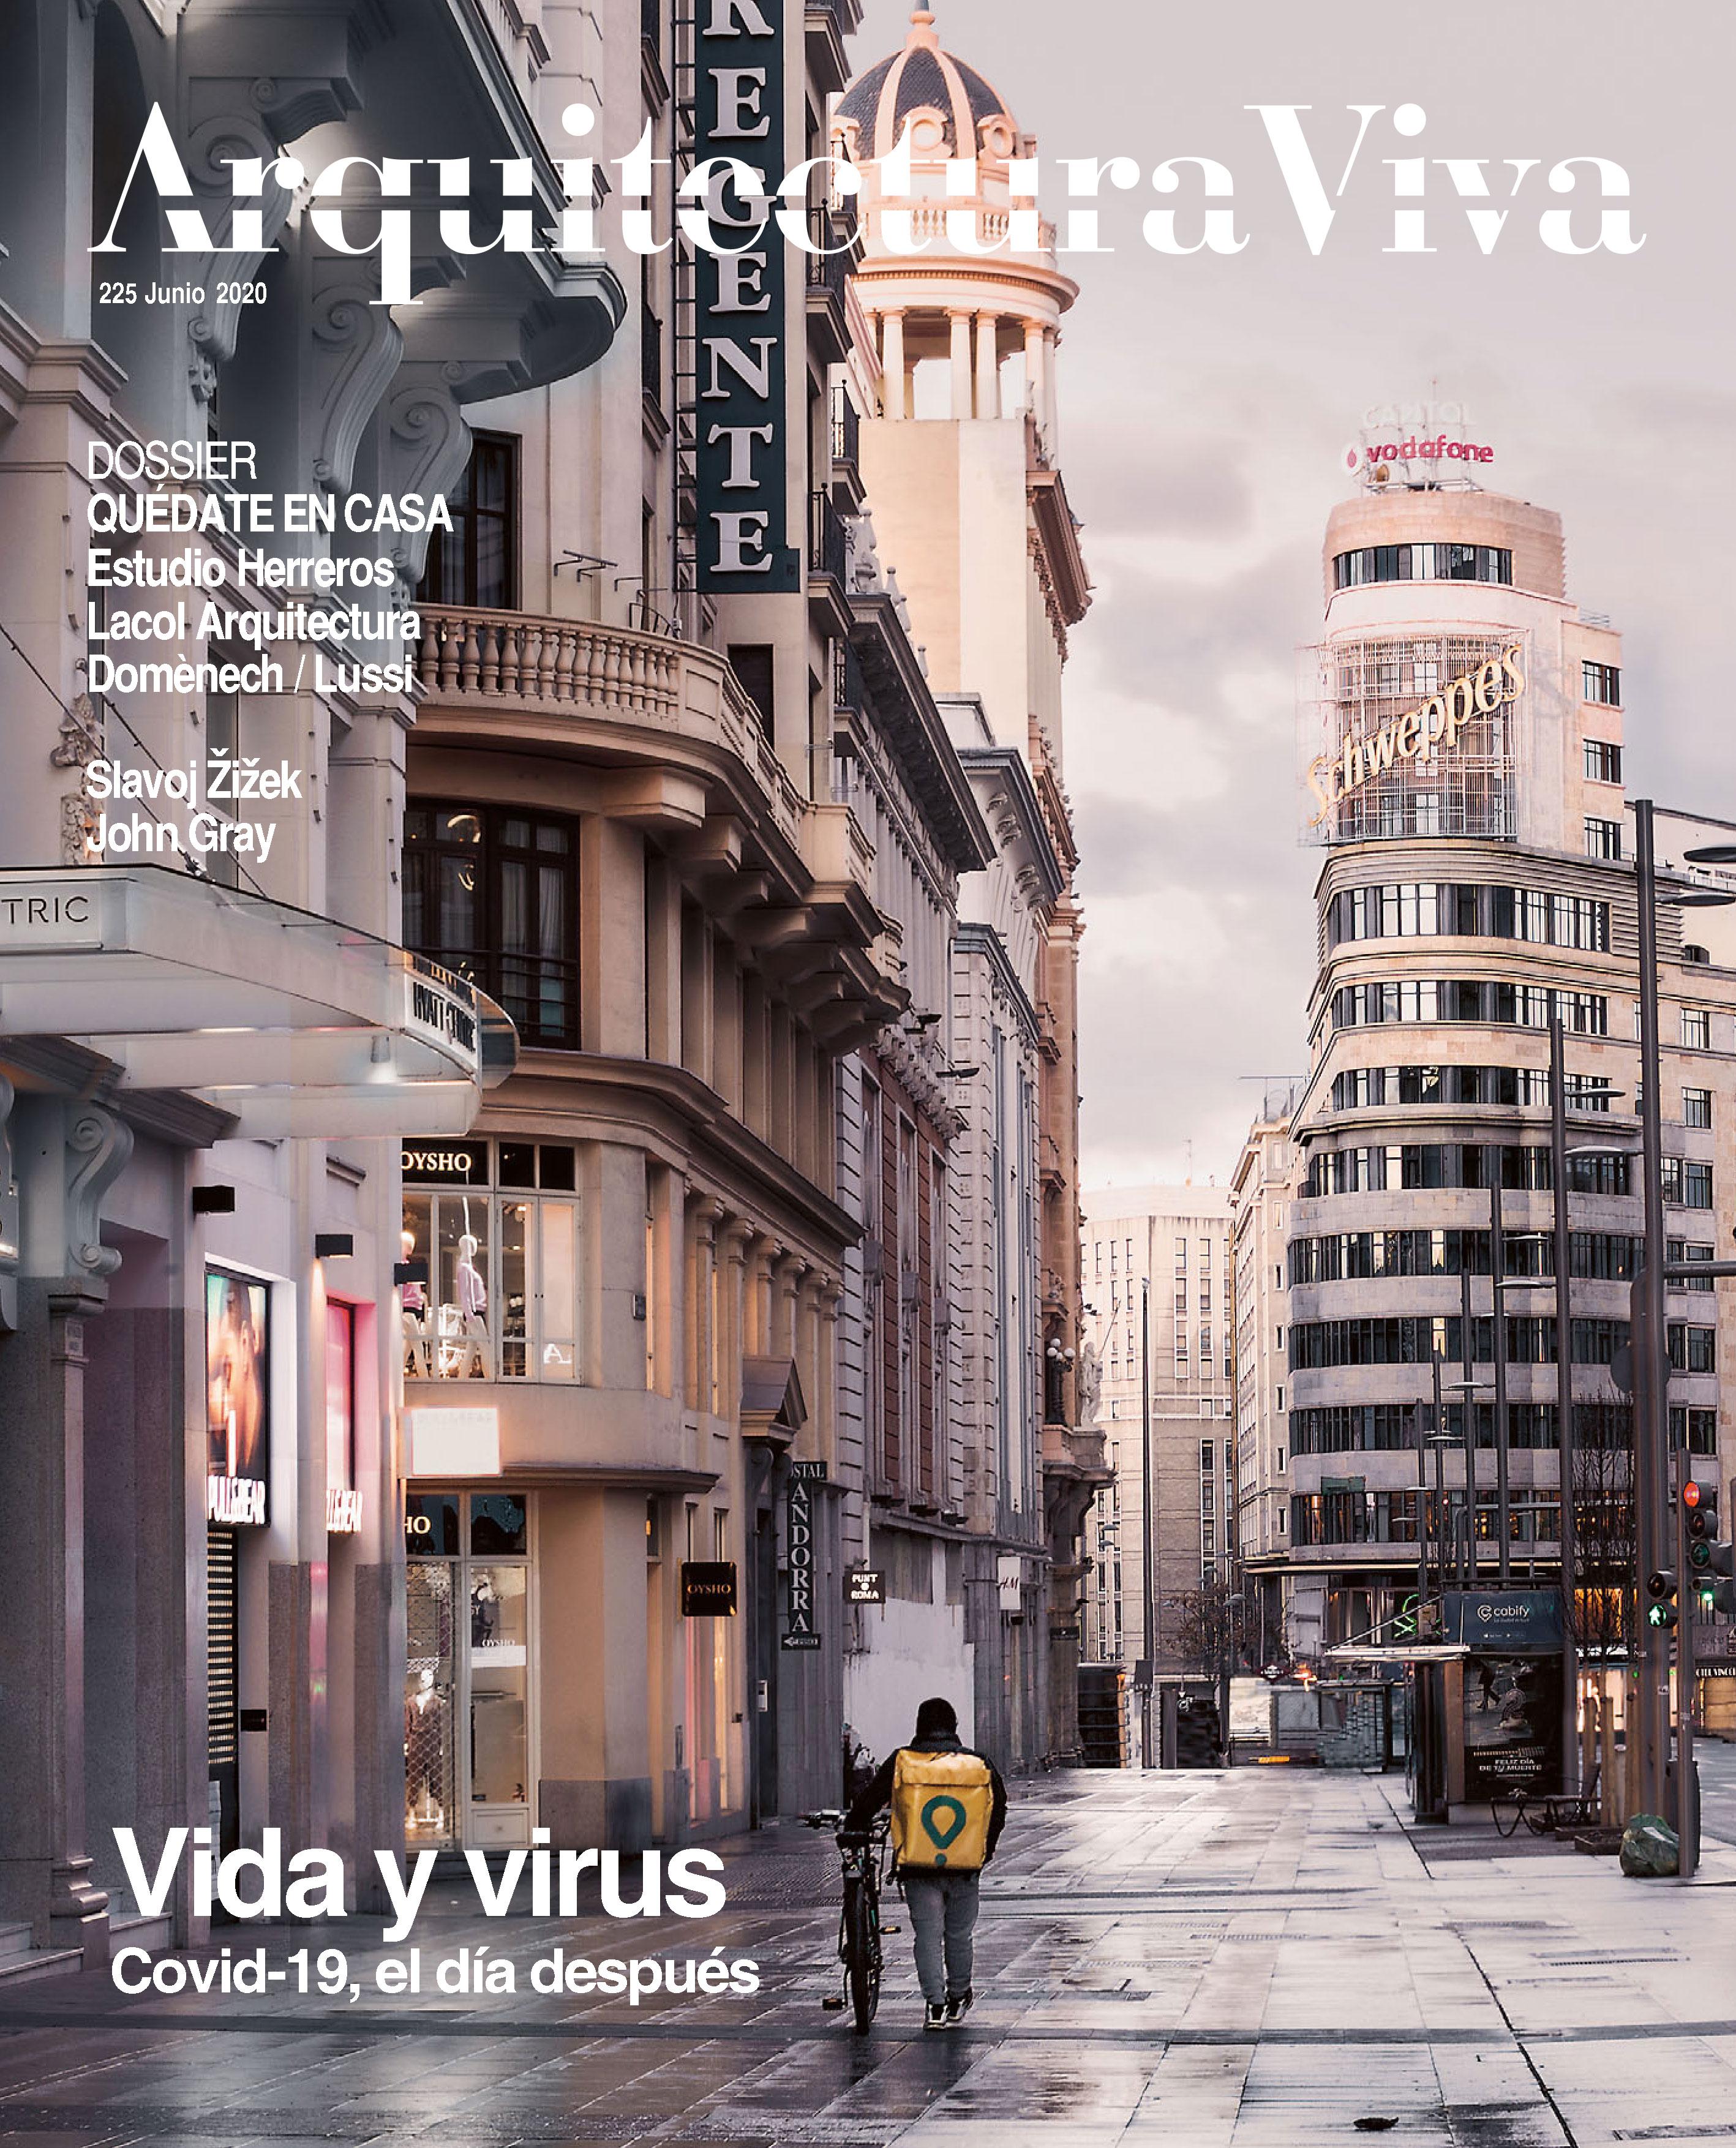 Vida y virus